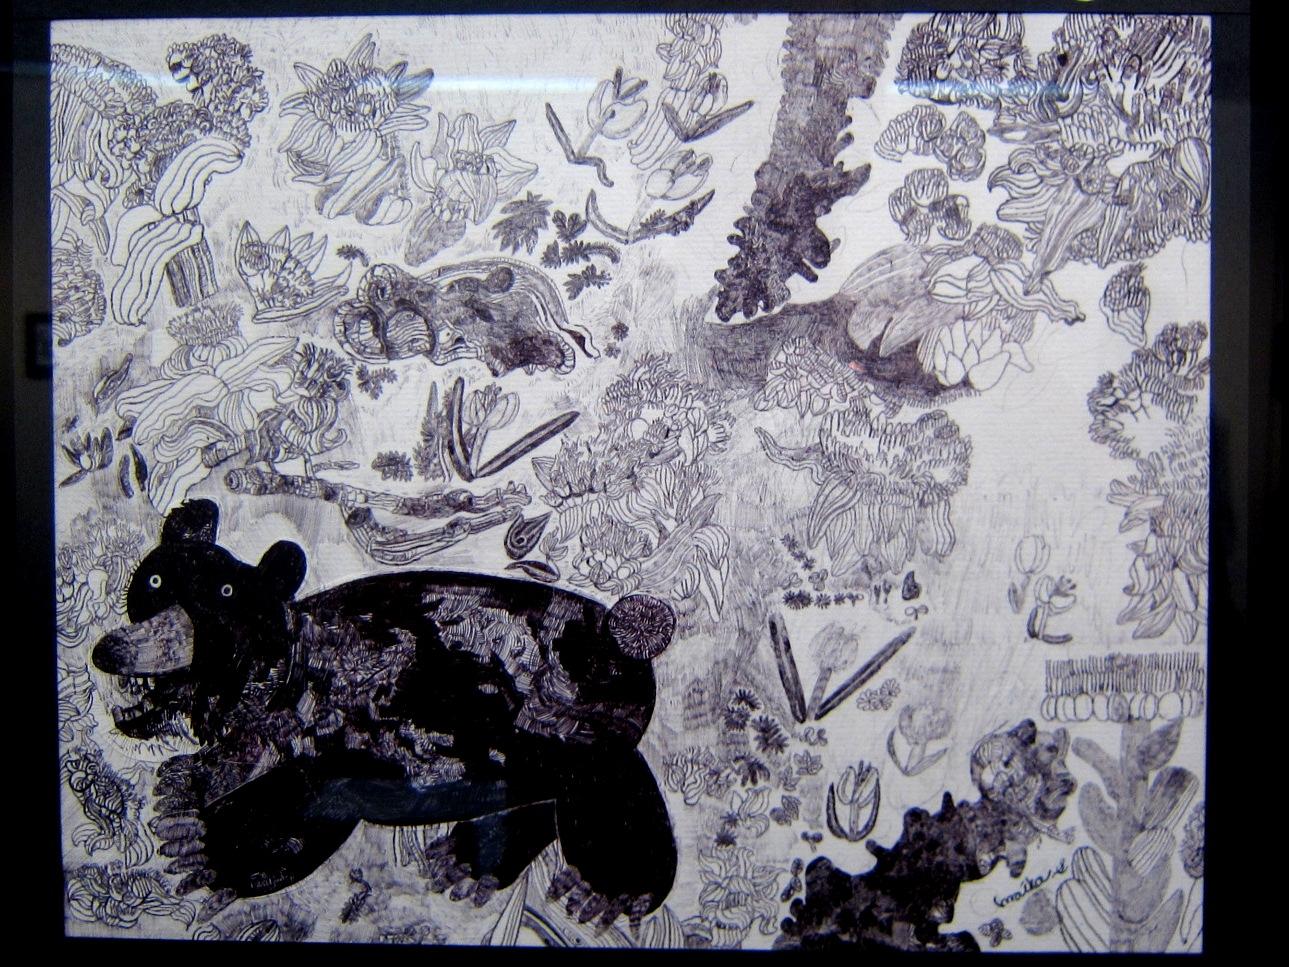 2163) 「鈴木麻衣子ボールペン画展 『クマと森』」 時計台 8月19日(月)~8月24日(土)   _f0126829_13483597.jpg